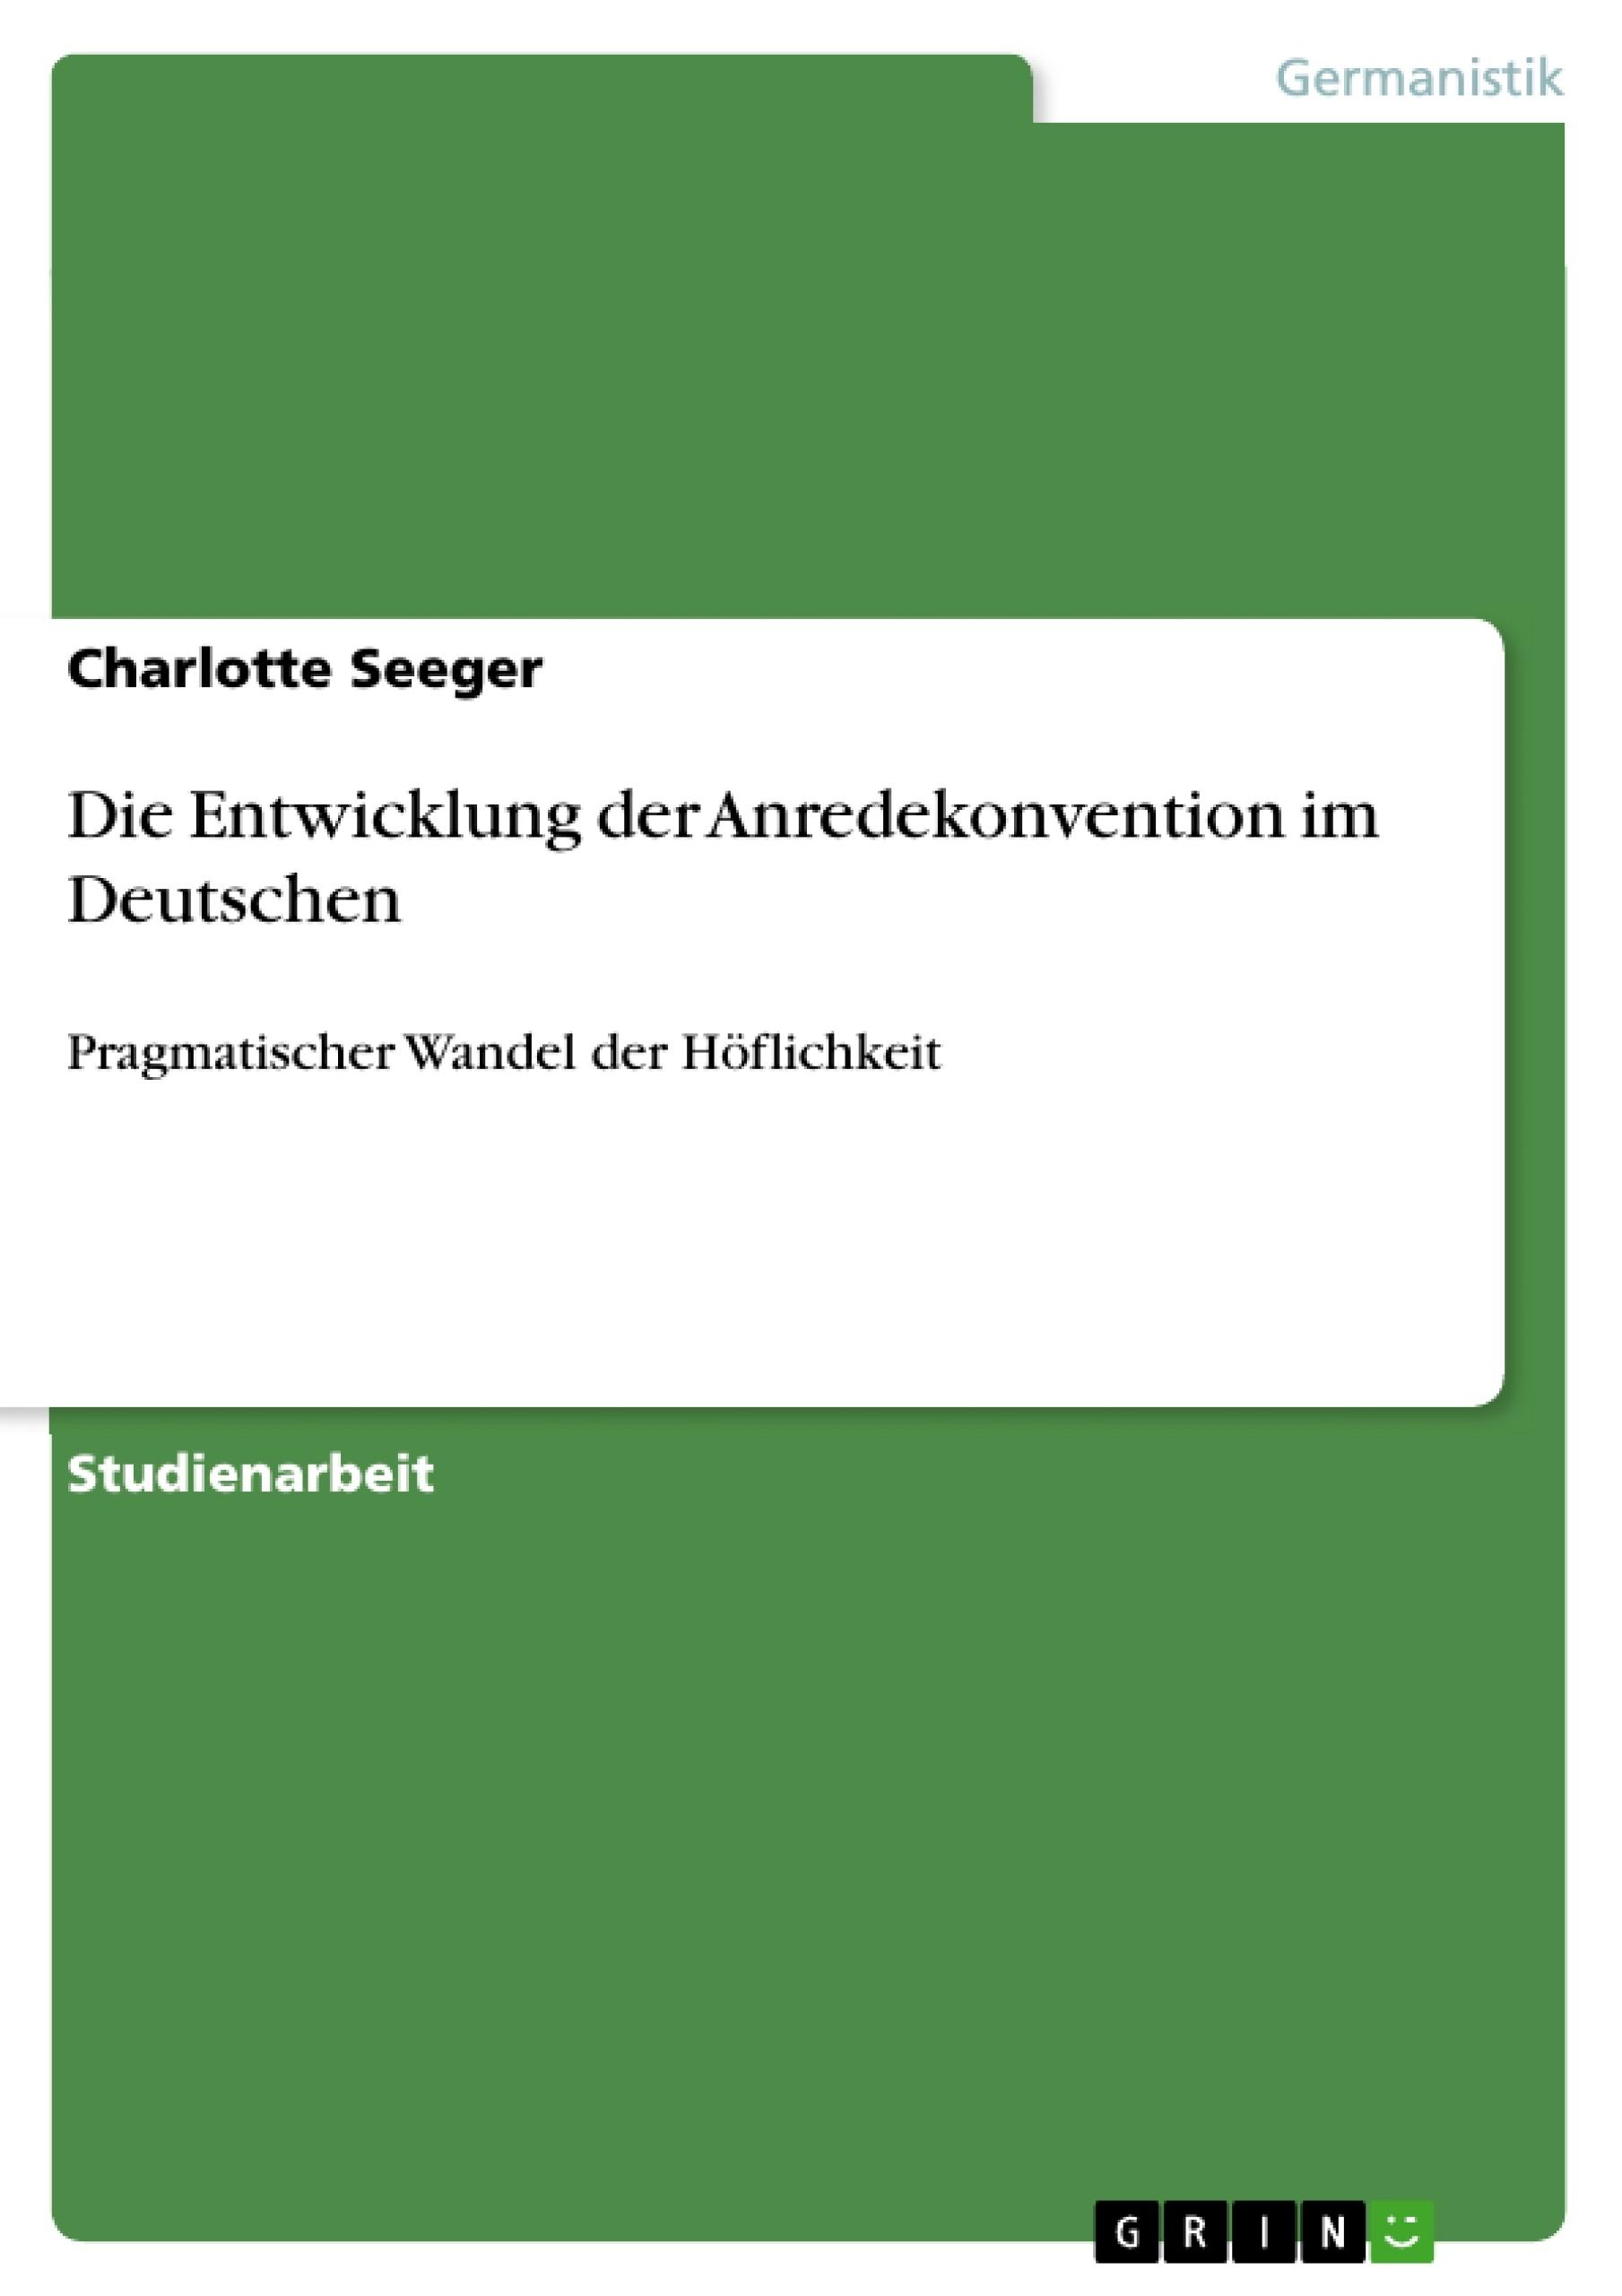 Titel: Die Entwicklung der Anredekonvention im Deutschen